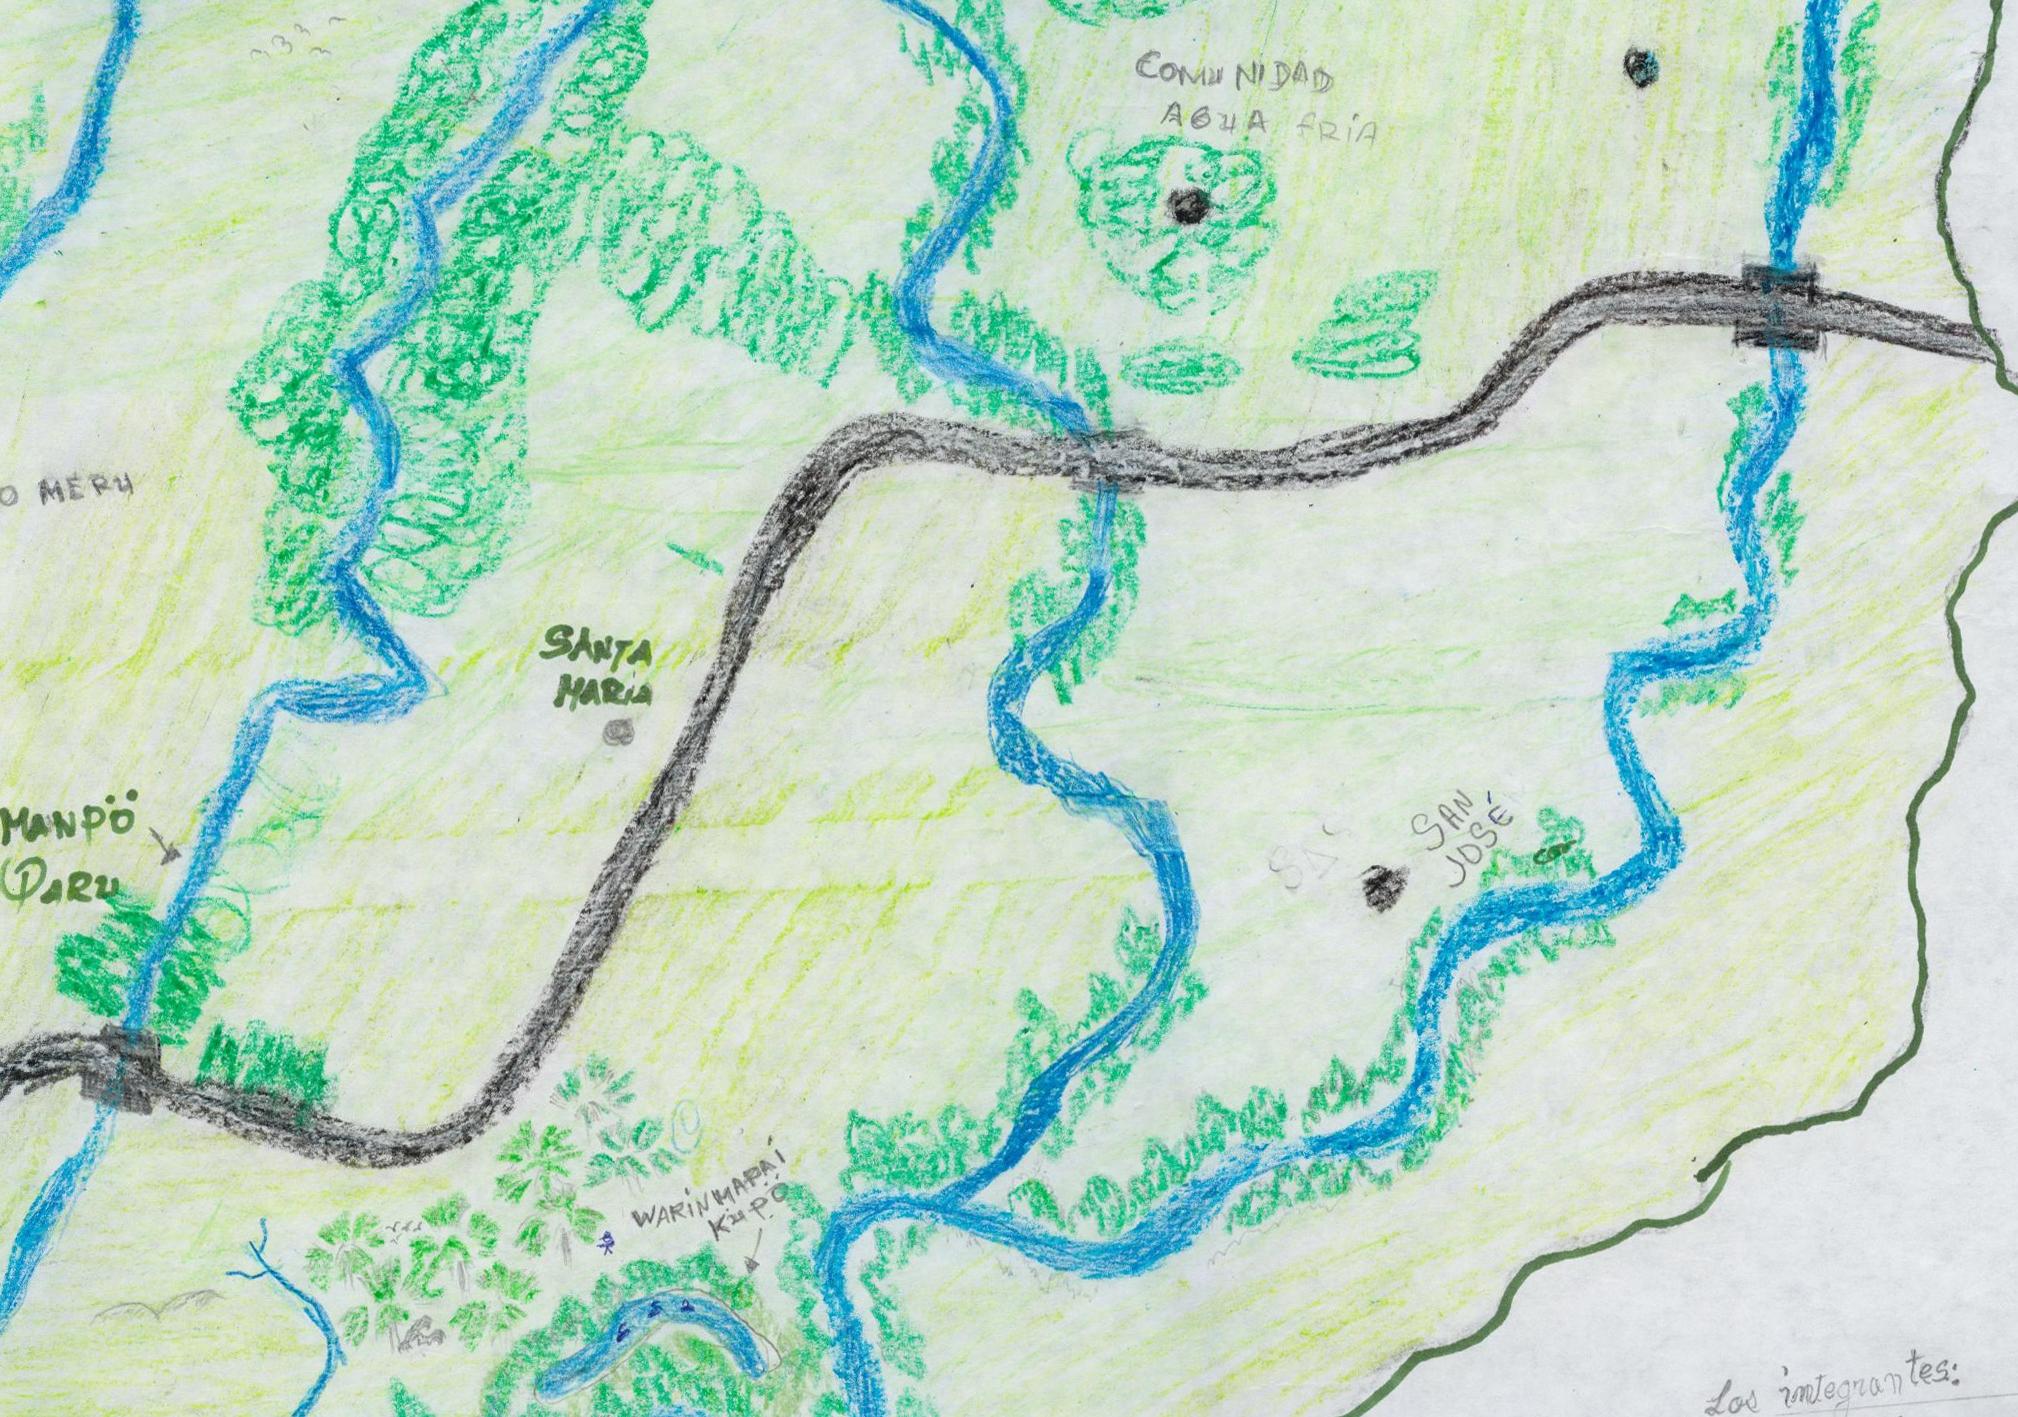 Children's mental map, Agua Fria, Pemon territory, Gran Sabana, Venezuela.